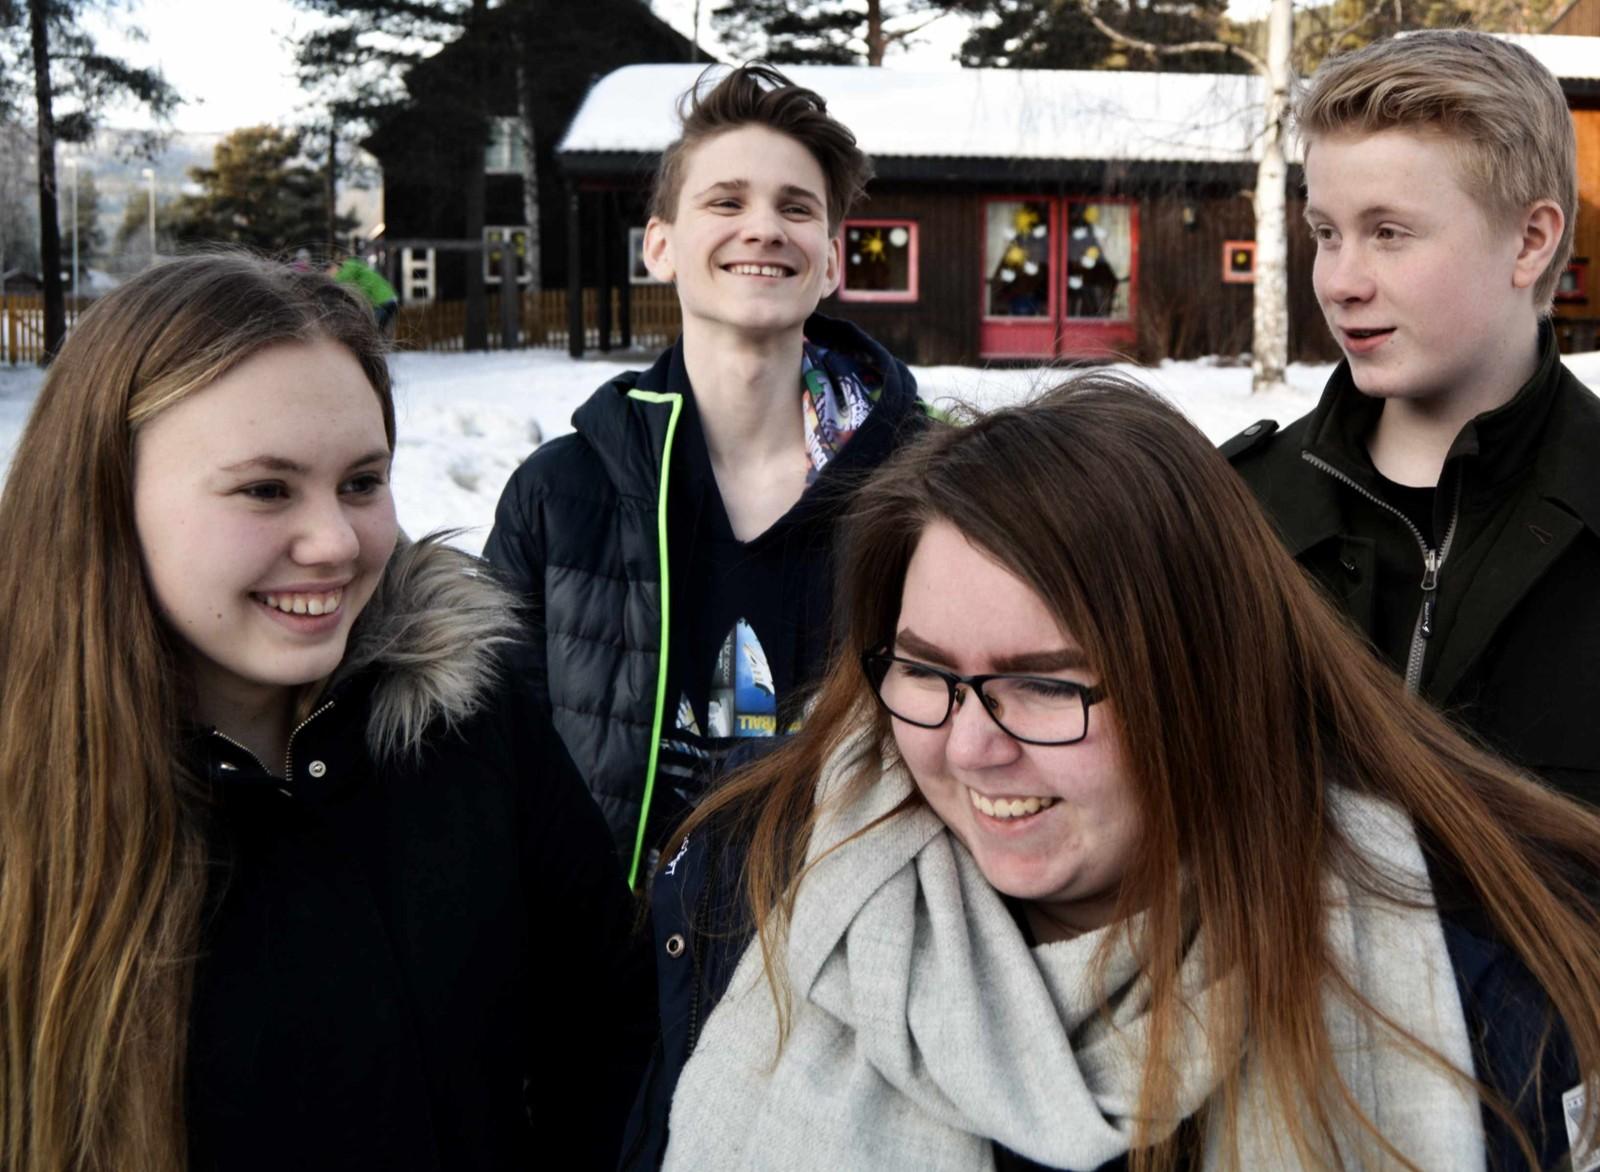 Deltakarane til klassequiz 2017 frå Heidal skule.  Frå venstre: Barbro Svindland, Nathalie Ødegård, Isak Knørr og Paal Stubbrud.